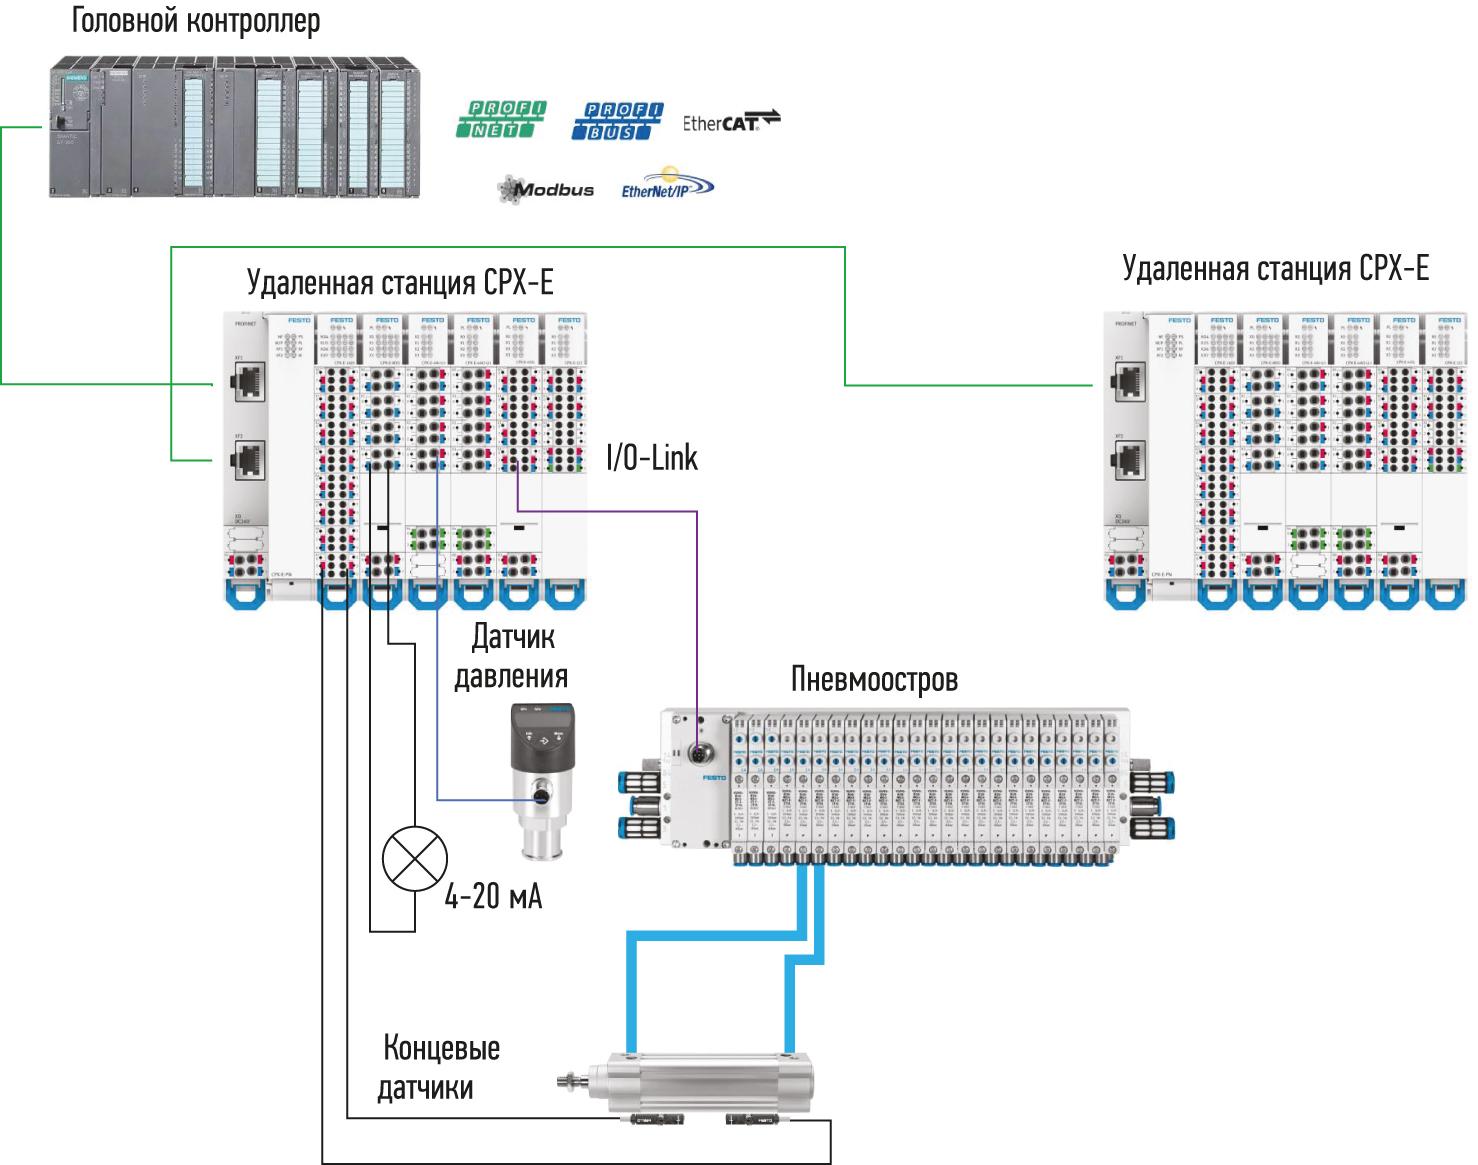 структурная схема системы распределенного управления на базе CPX-E